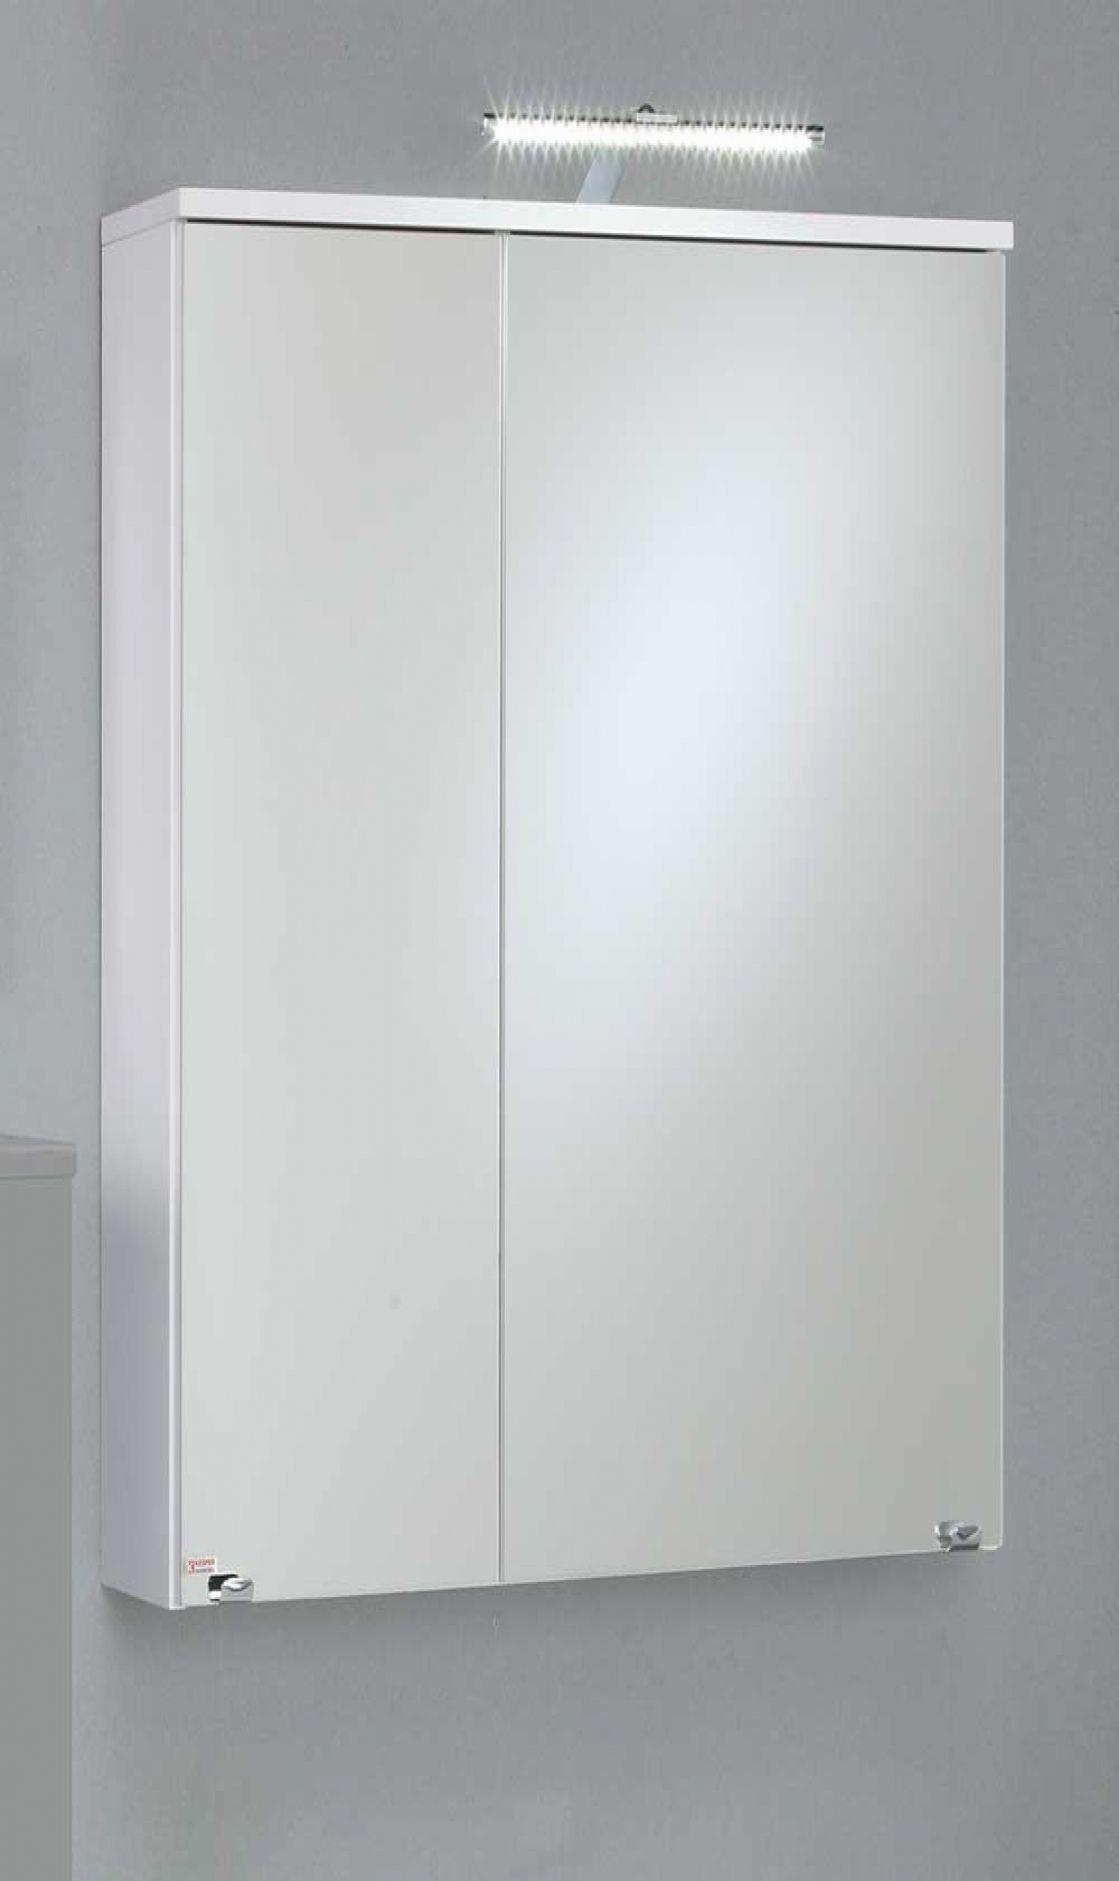 300 Cm Breit Schrank Weiss 80 Cm Breit Beautiful Bild Schrank 1 80 In 2020 Spiegelschrank Schrank Schrank Design